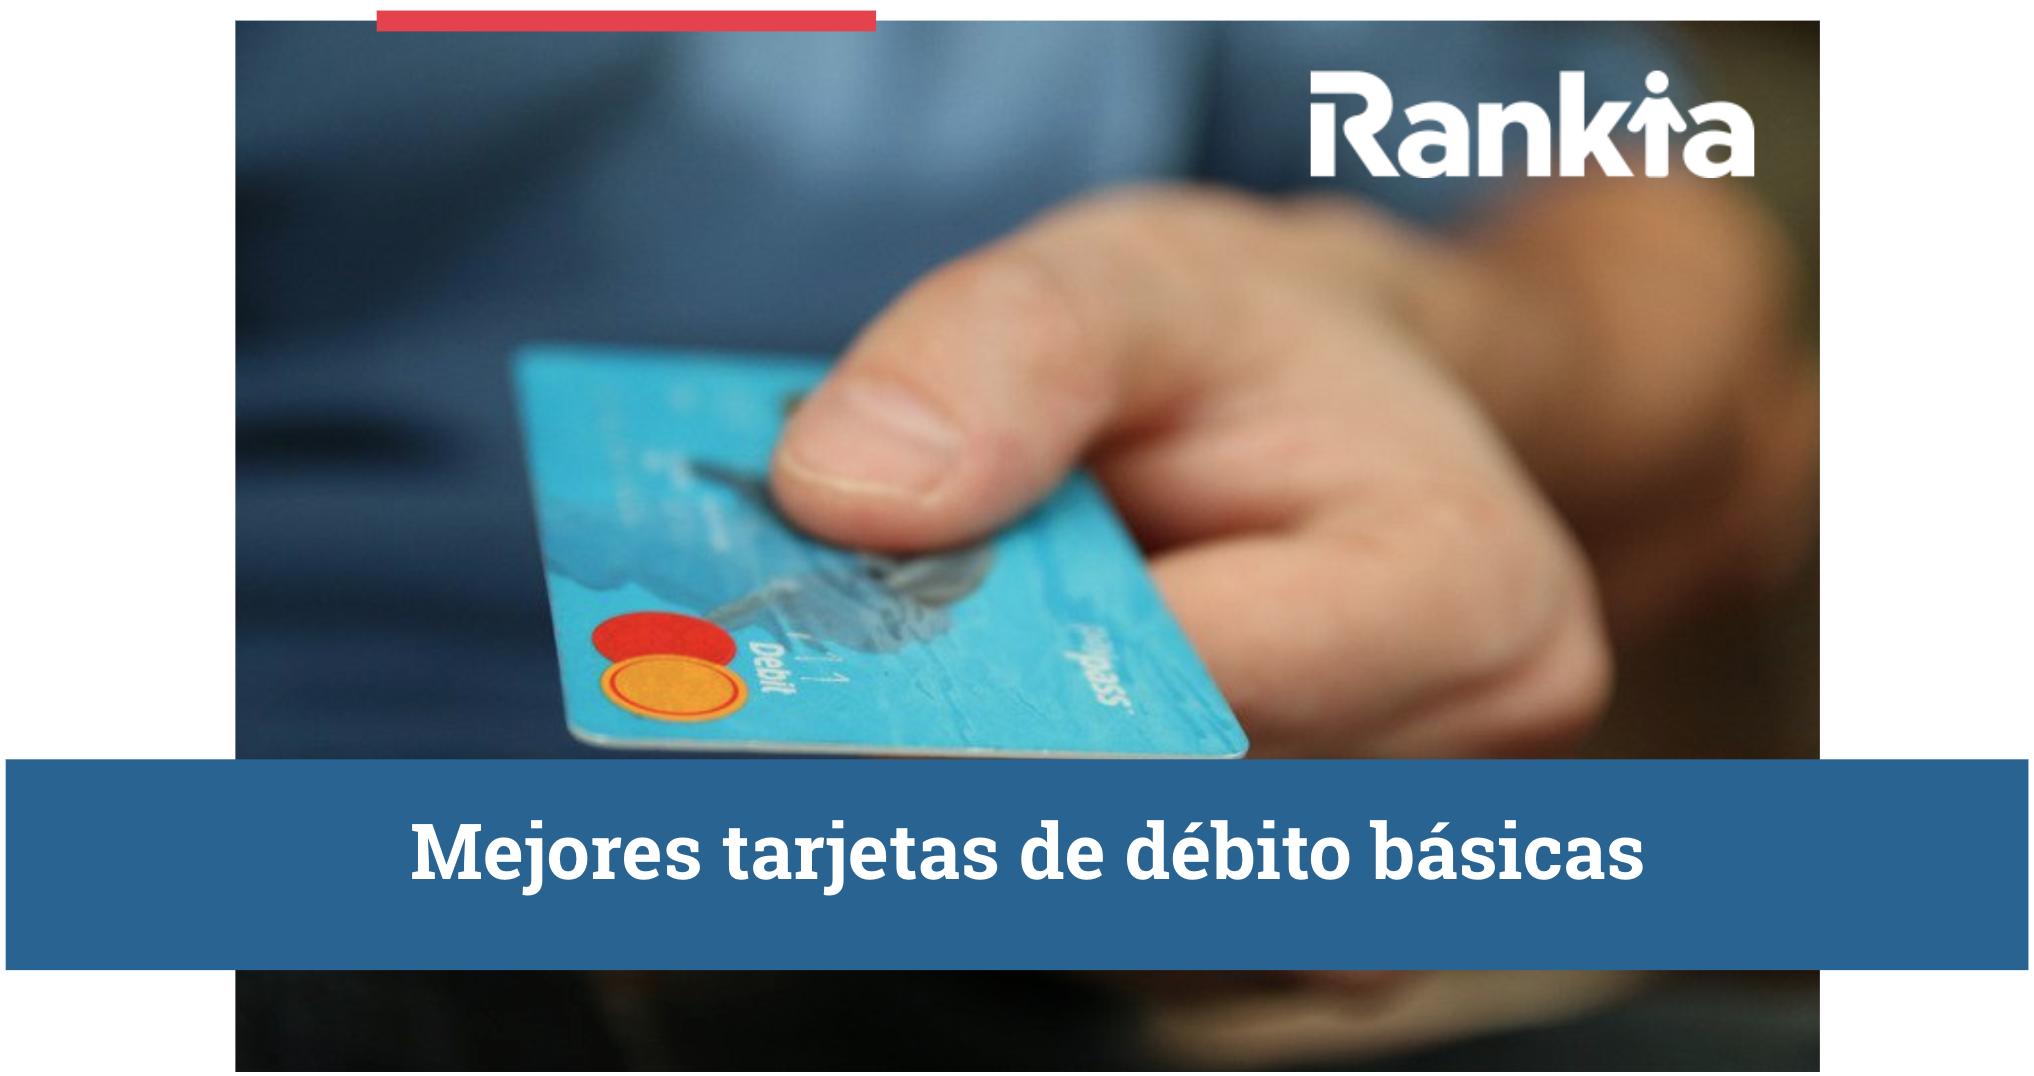 ¿Cuál tarjeta de débito me conviene? Mejores tarjetas de débito básicas